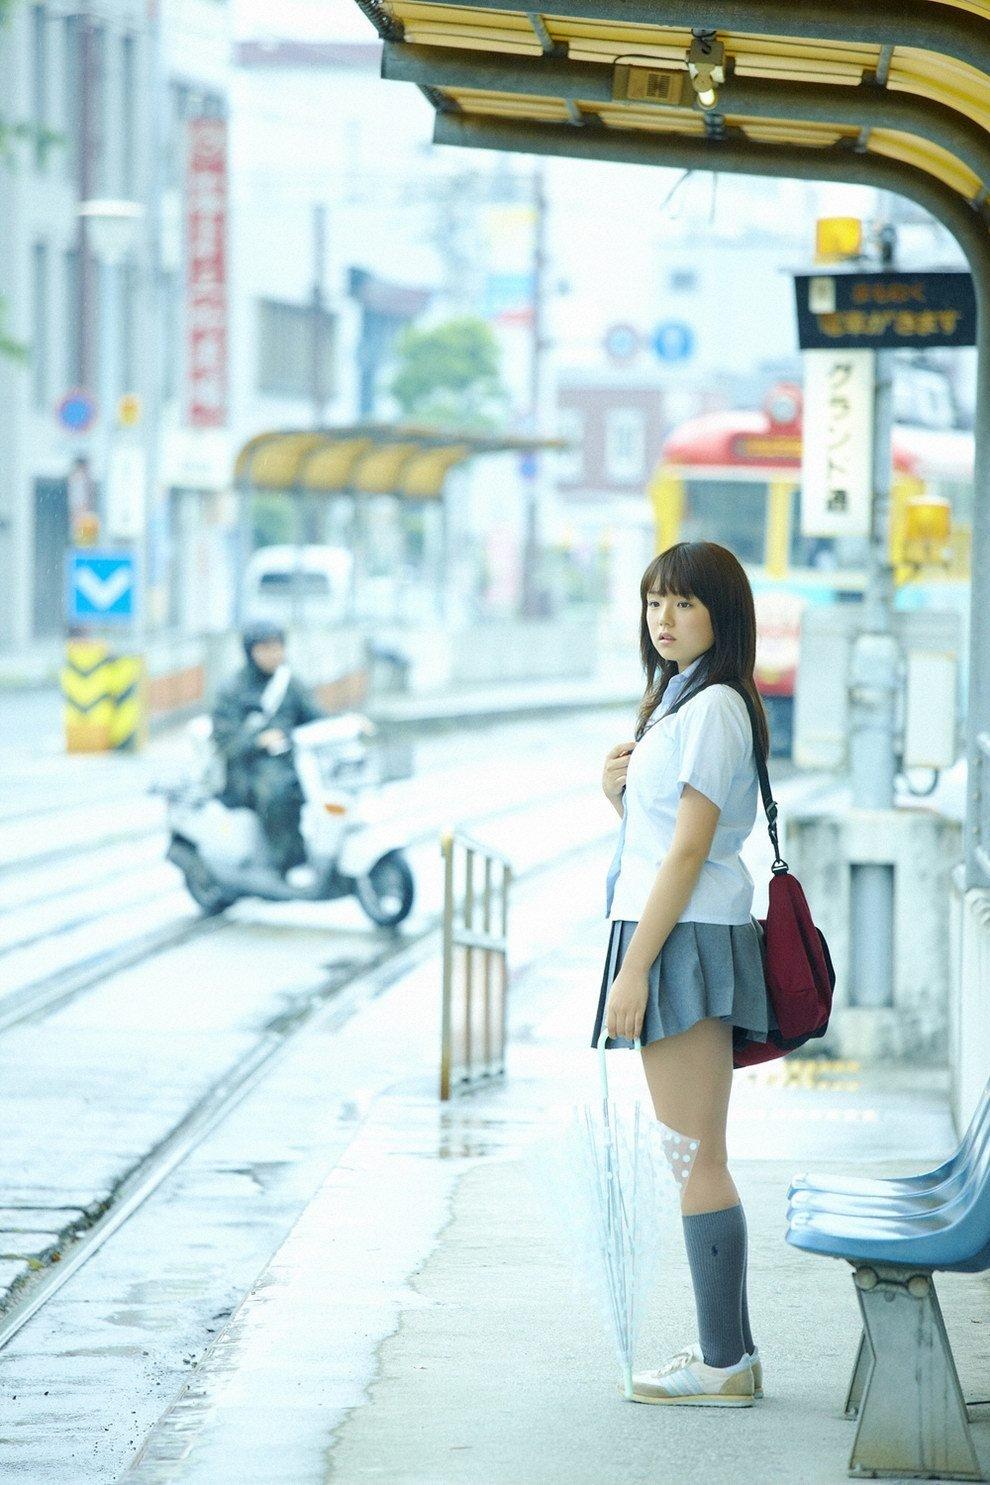 gs_sinozakiai_002_002.jpg